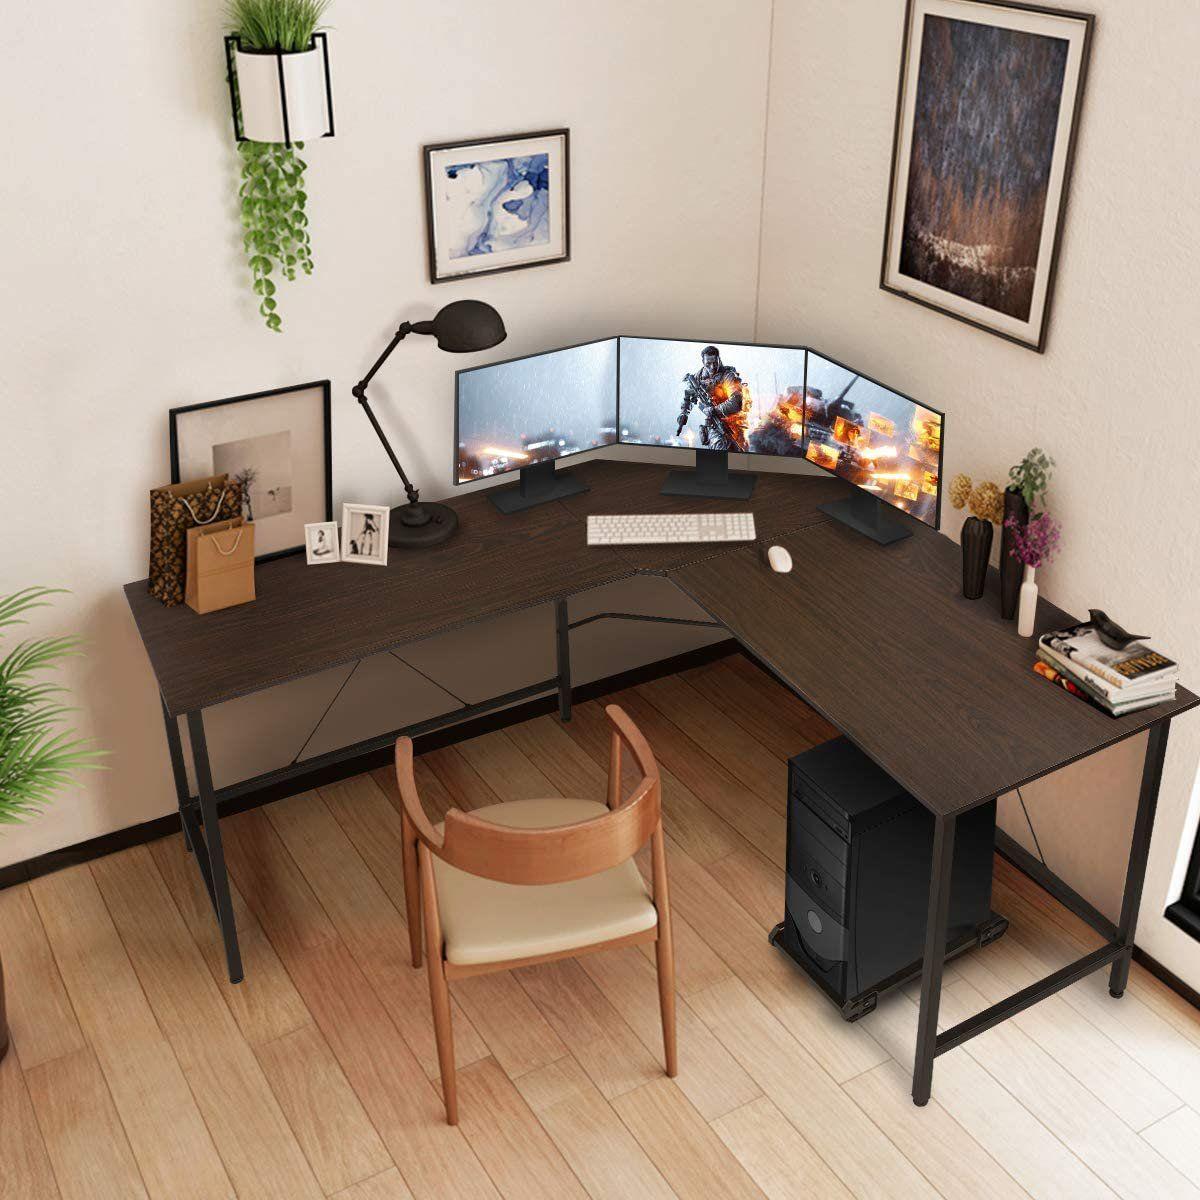 Kingso L Shaped Computer Desk 65 Inch Modern Office Gaming Writing Desks Workstation Table For Home Study Walmart Com Home Office Setup Modern Corner Desk Desk In Living Room